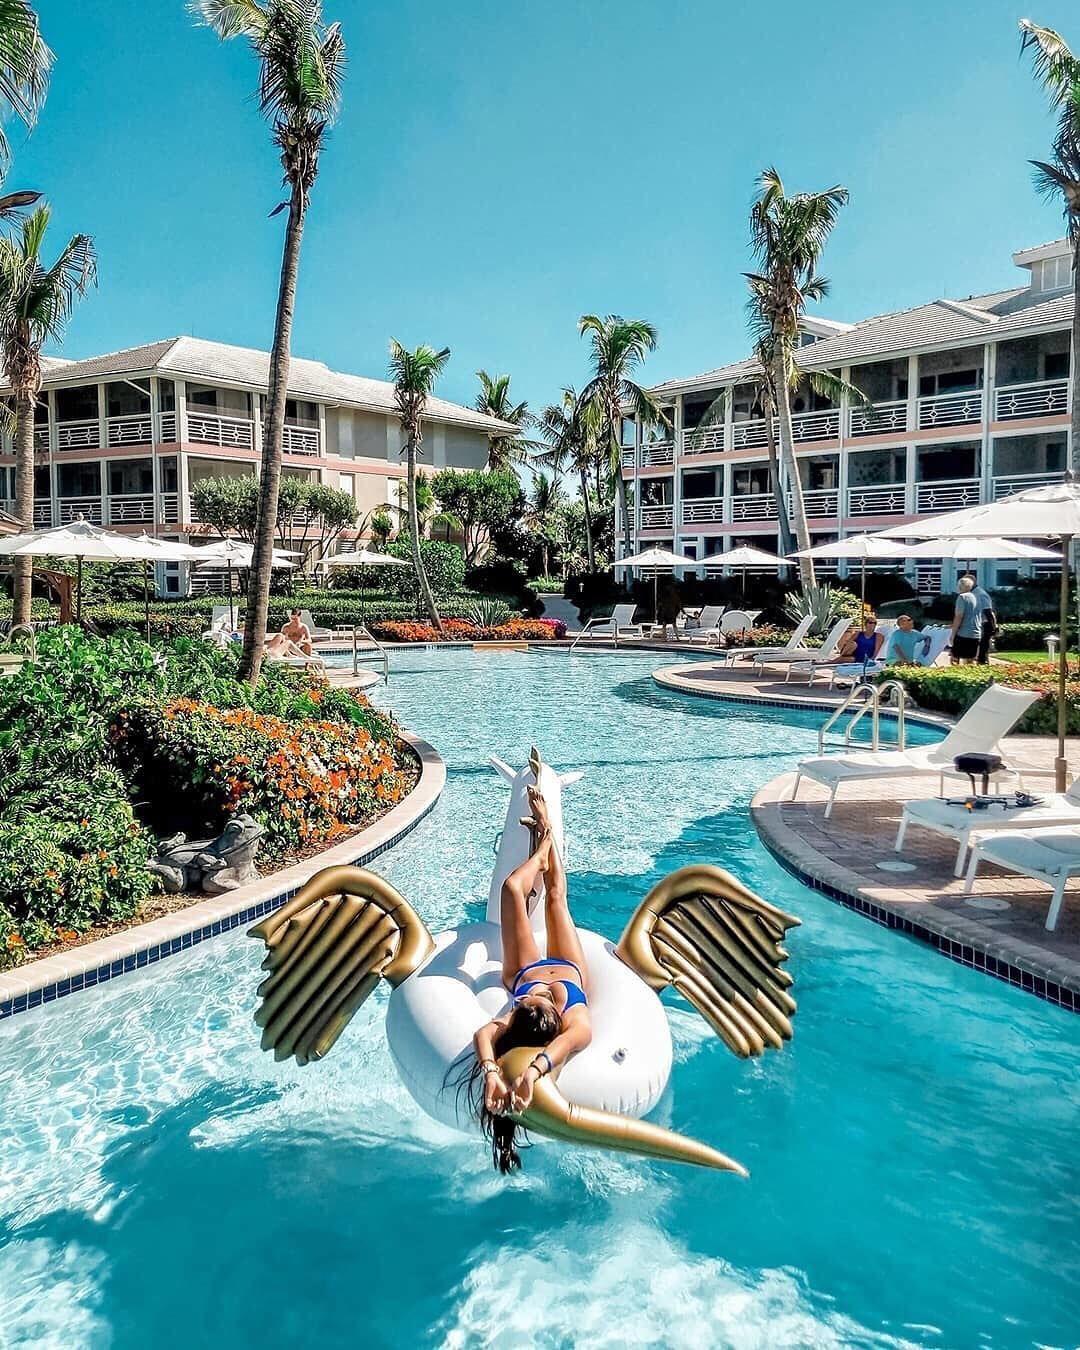 Ocean Club West Location: Turks & Caicos Island